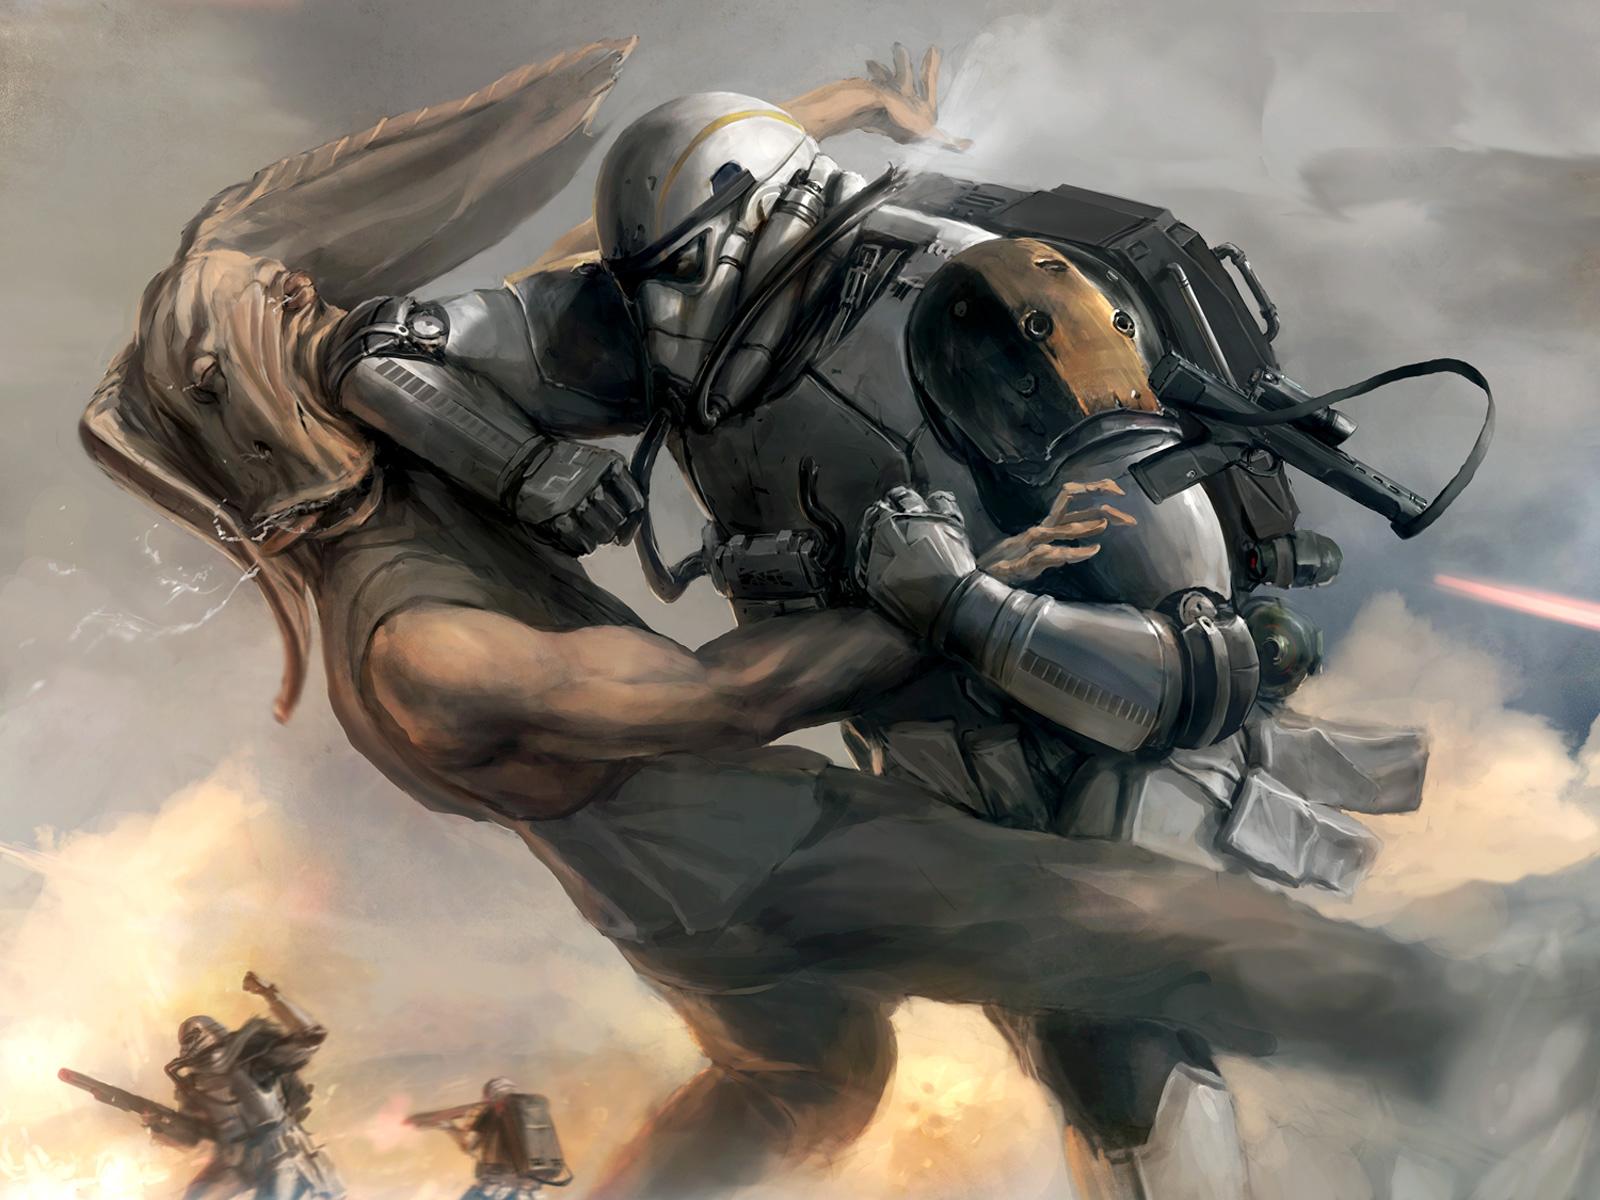 Top Ten Star Wars Wallpaper Lists